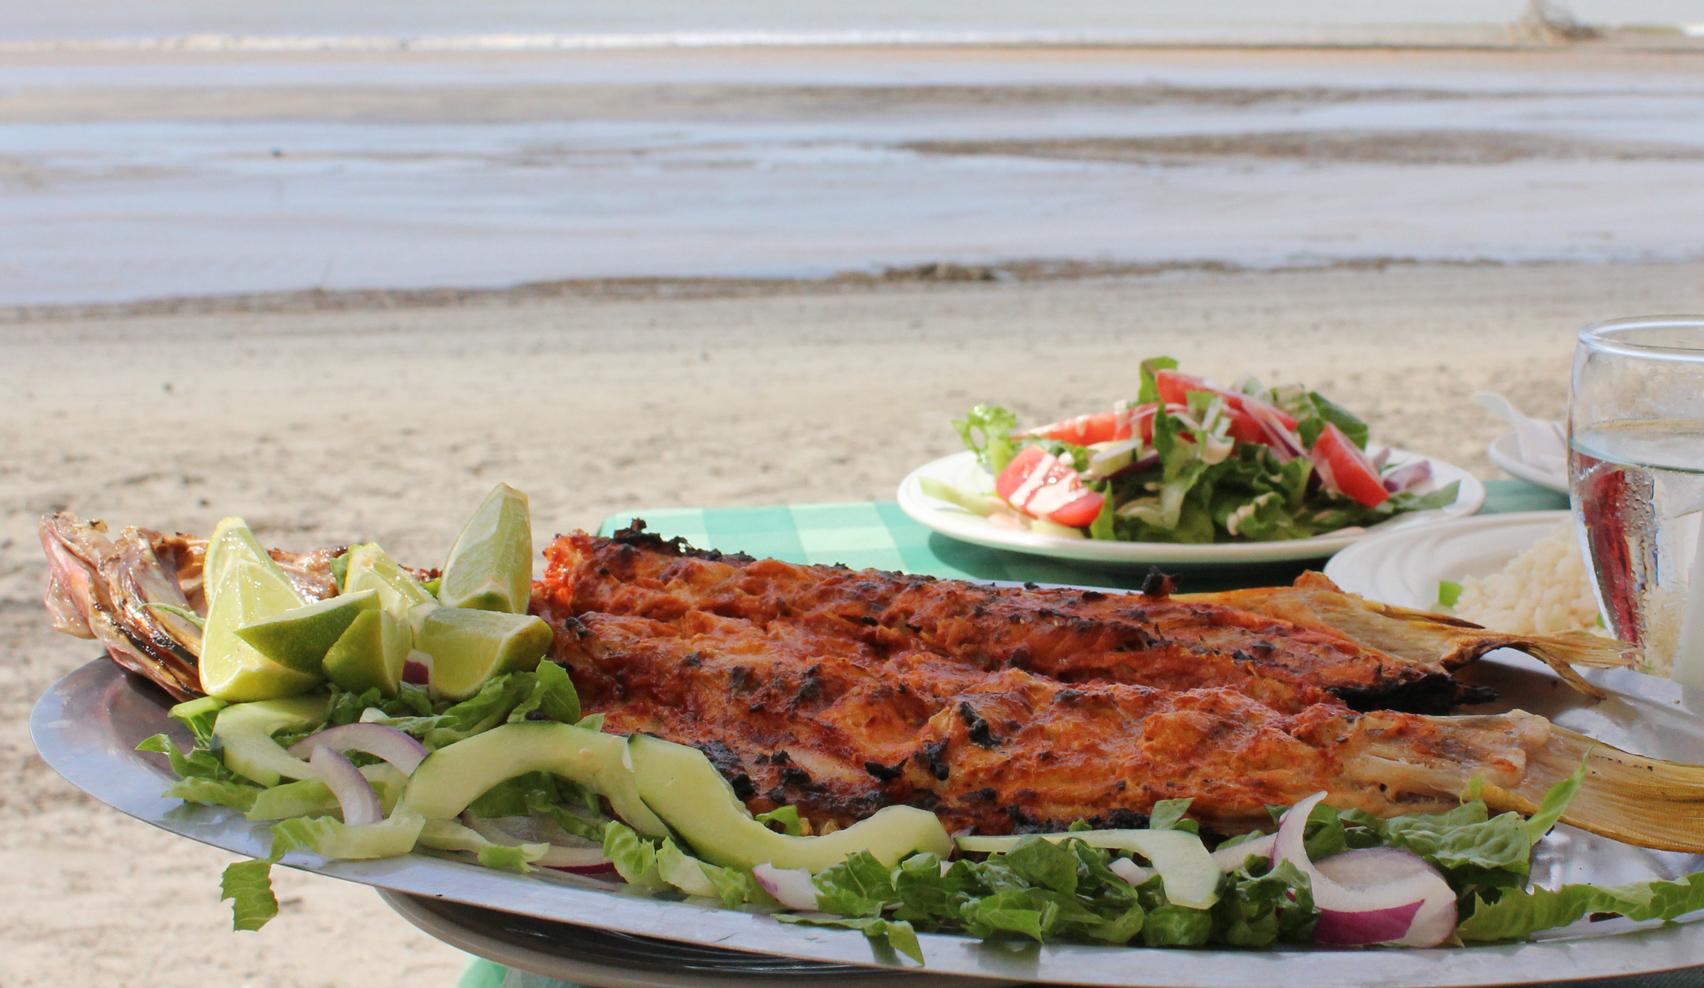 Dominio publico sarandeado camarones y birria - Platos gourmet con pescado ...